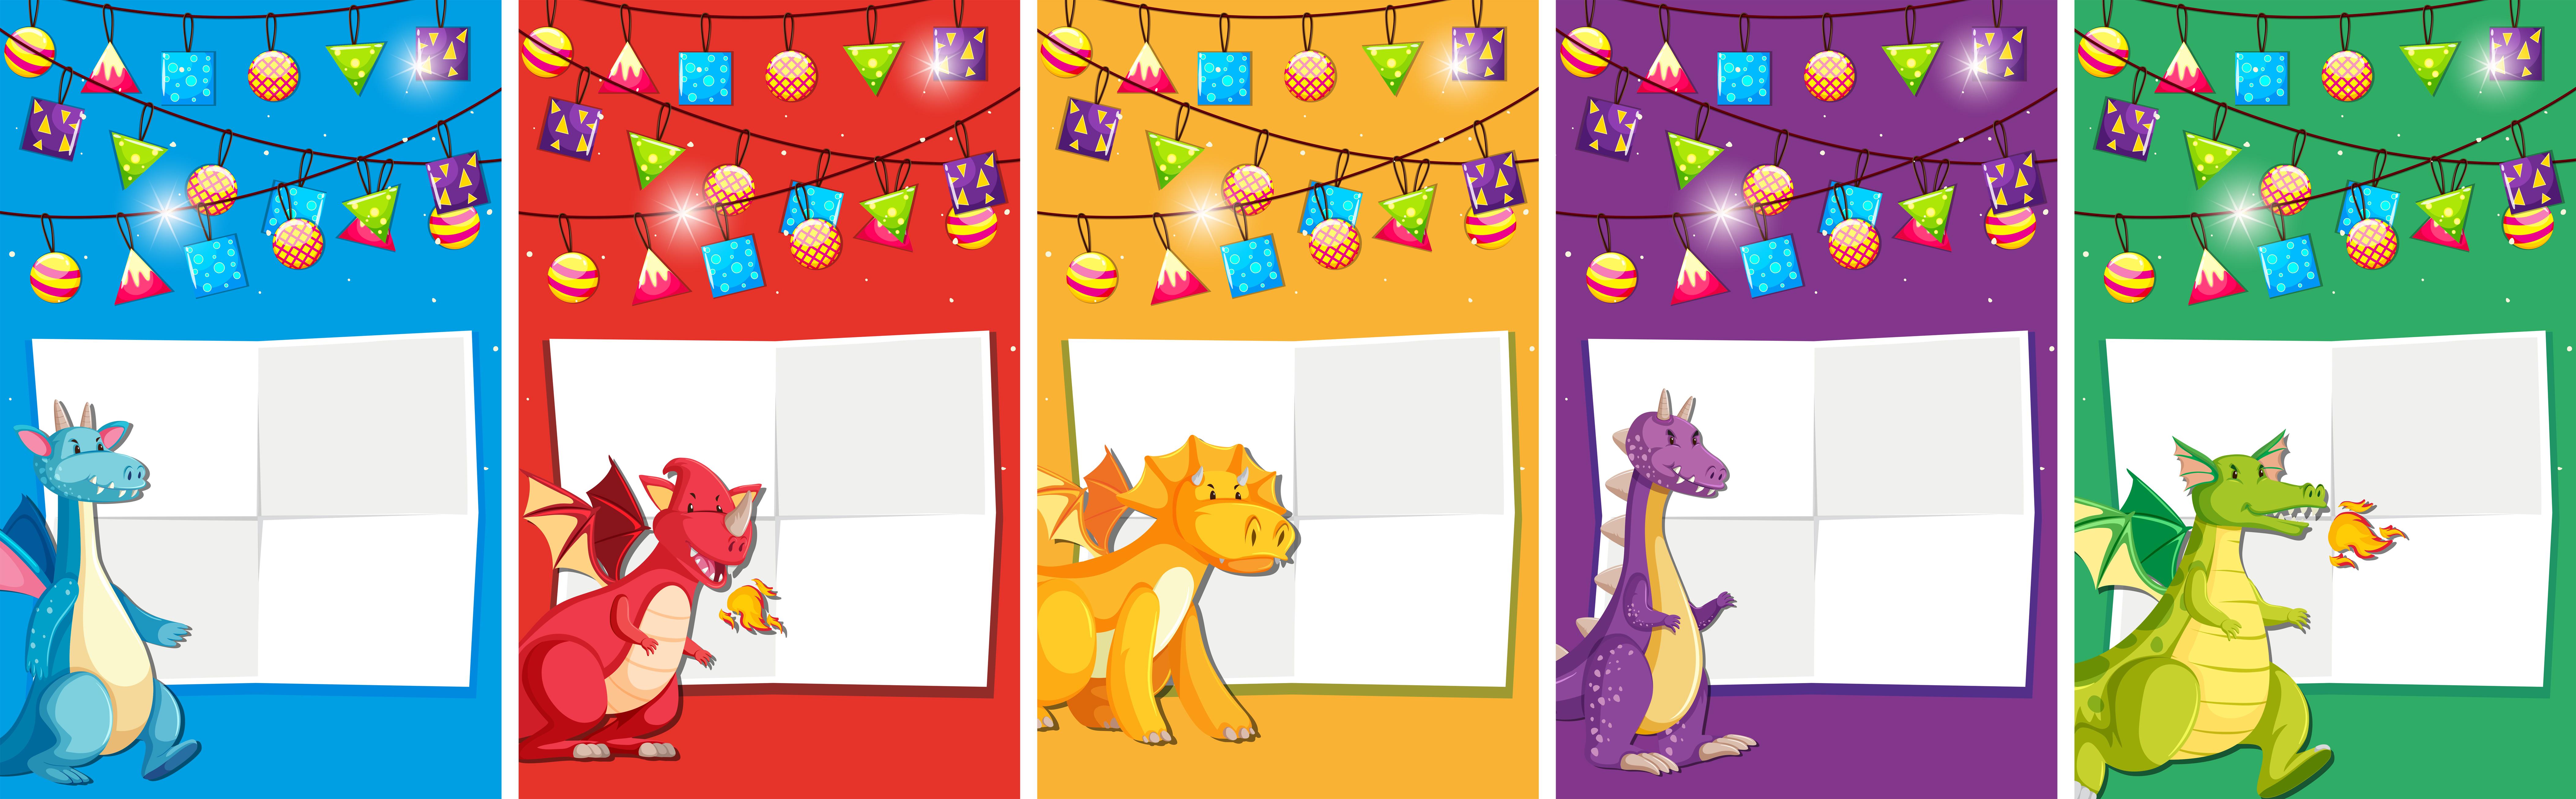 Conjunto De Invitación De Cumpleaños De Dinosaurio Descargar Vectores Gratis Illustrator Graficos Plantillas Diseño